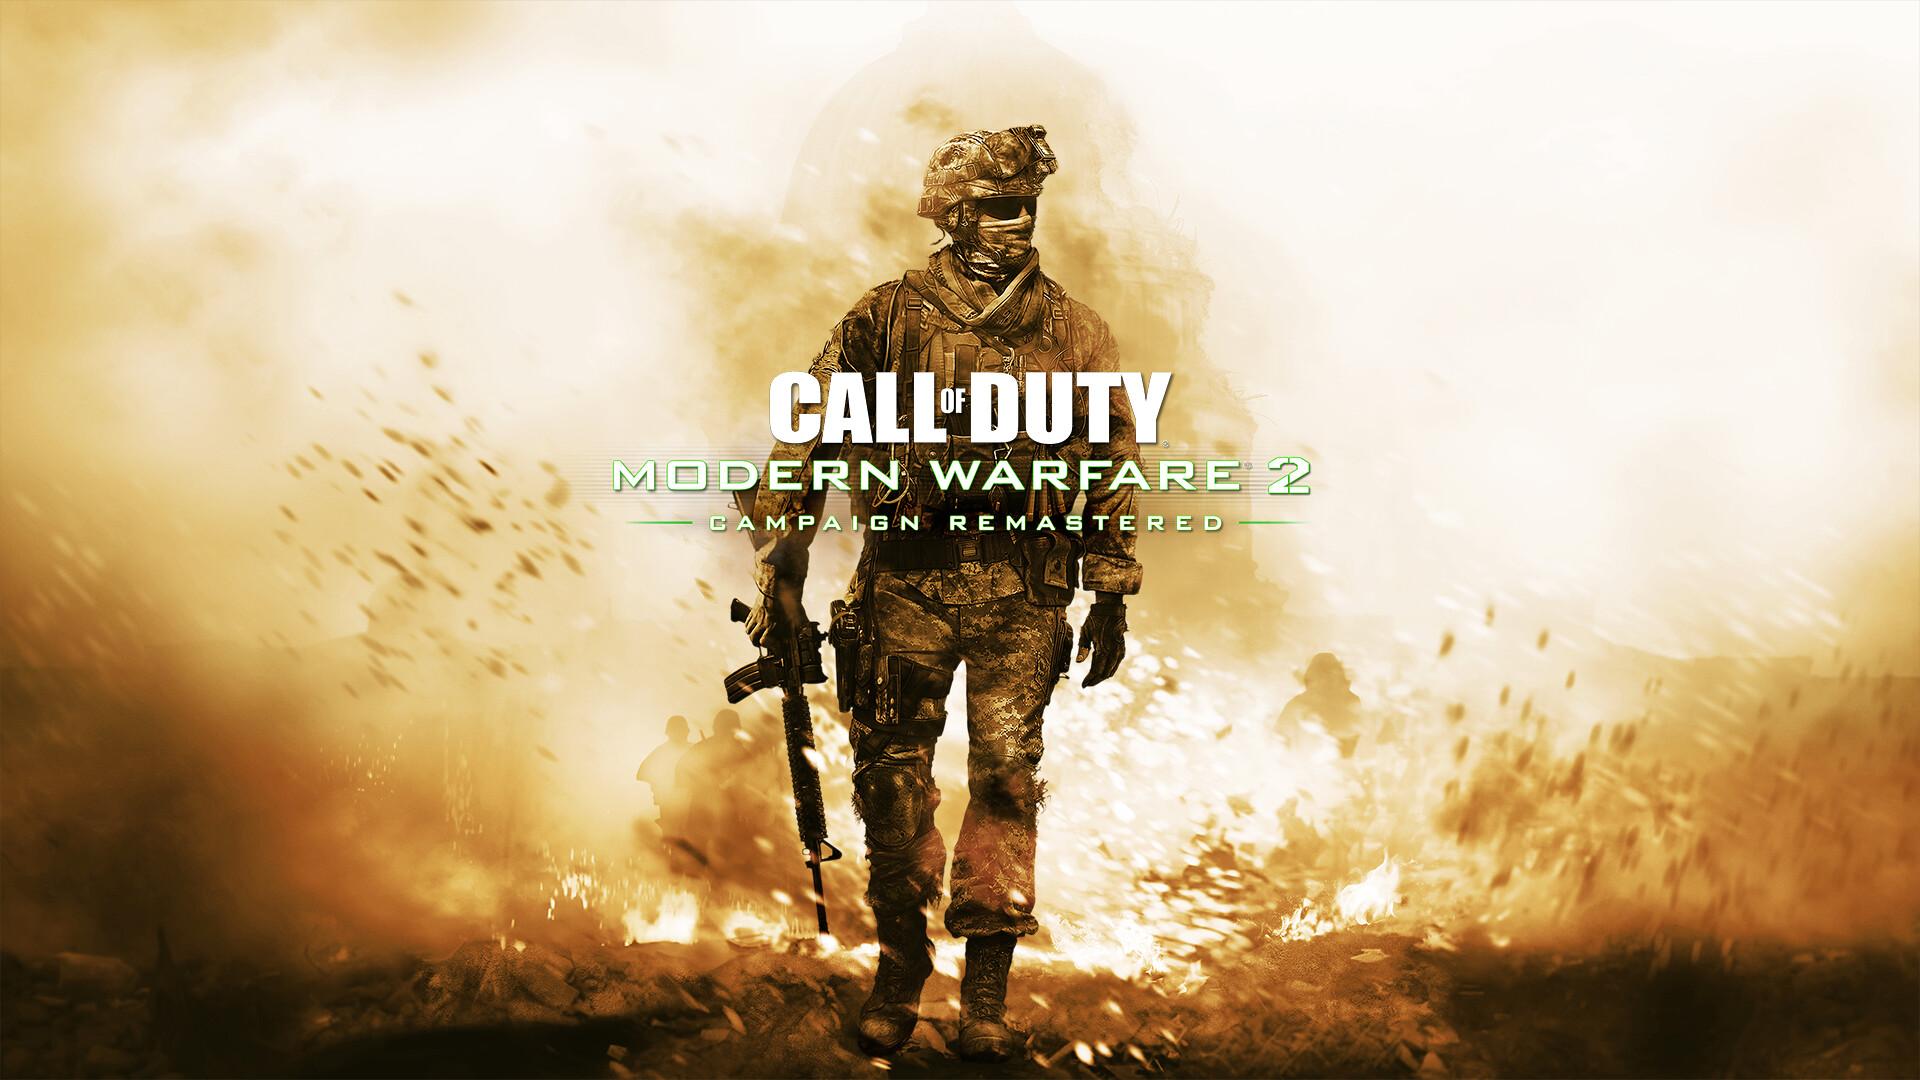 Lanzaron Call of Duty Modern Warfare 2: Campaign Remastered, el regreso de otro clásico con regalos y sorpresas